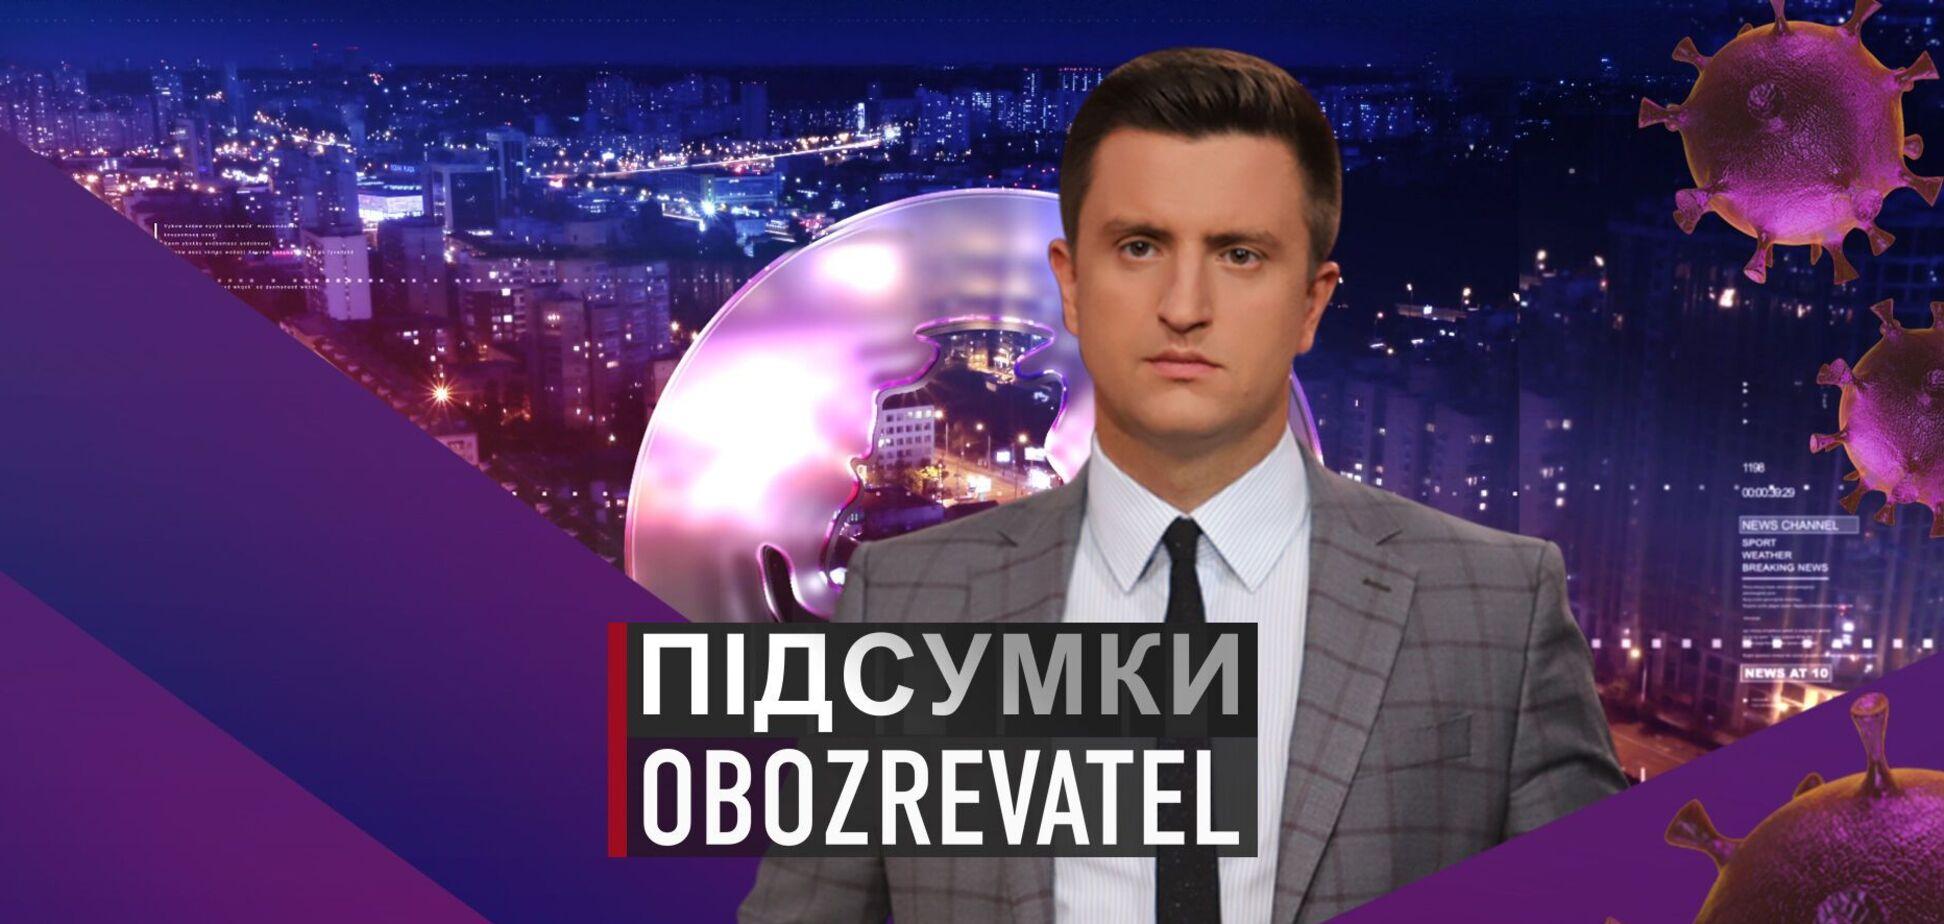 Підсумки дня з Вадимом Колодійчуком. Середа, 27 січня